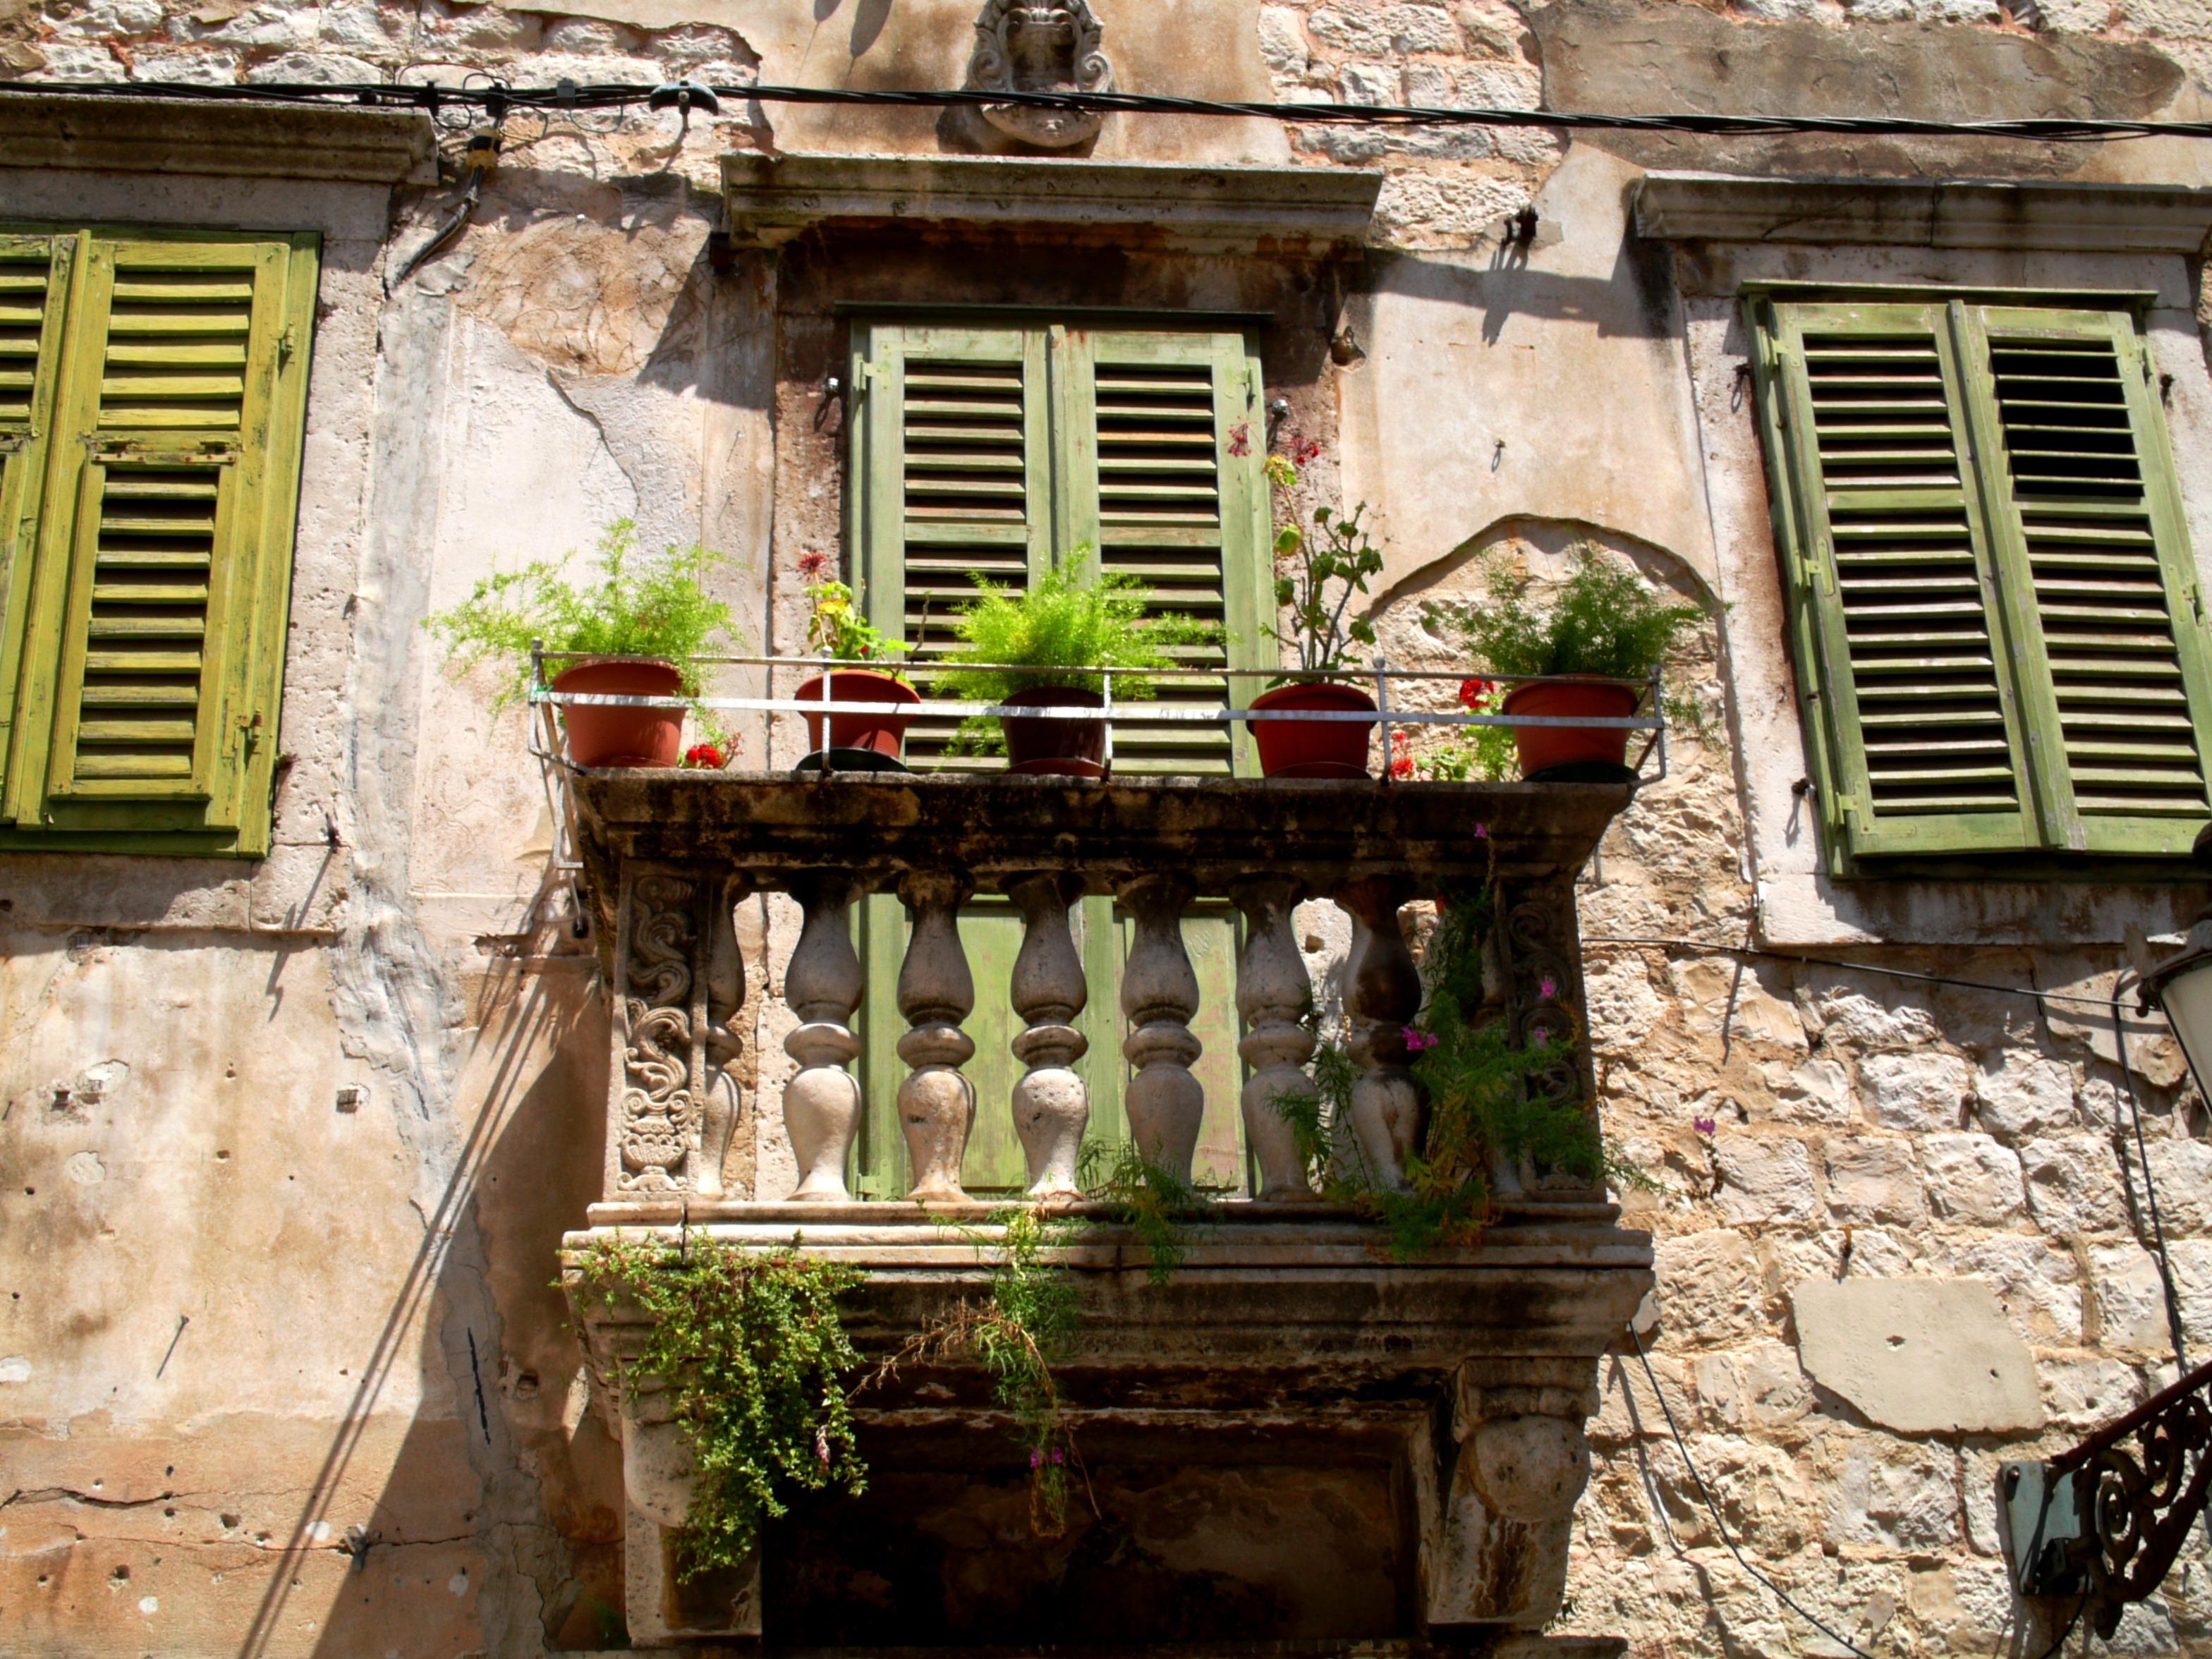 Картинки : цветок, окно, главная, балкон, коттедж, фасад, ст.